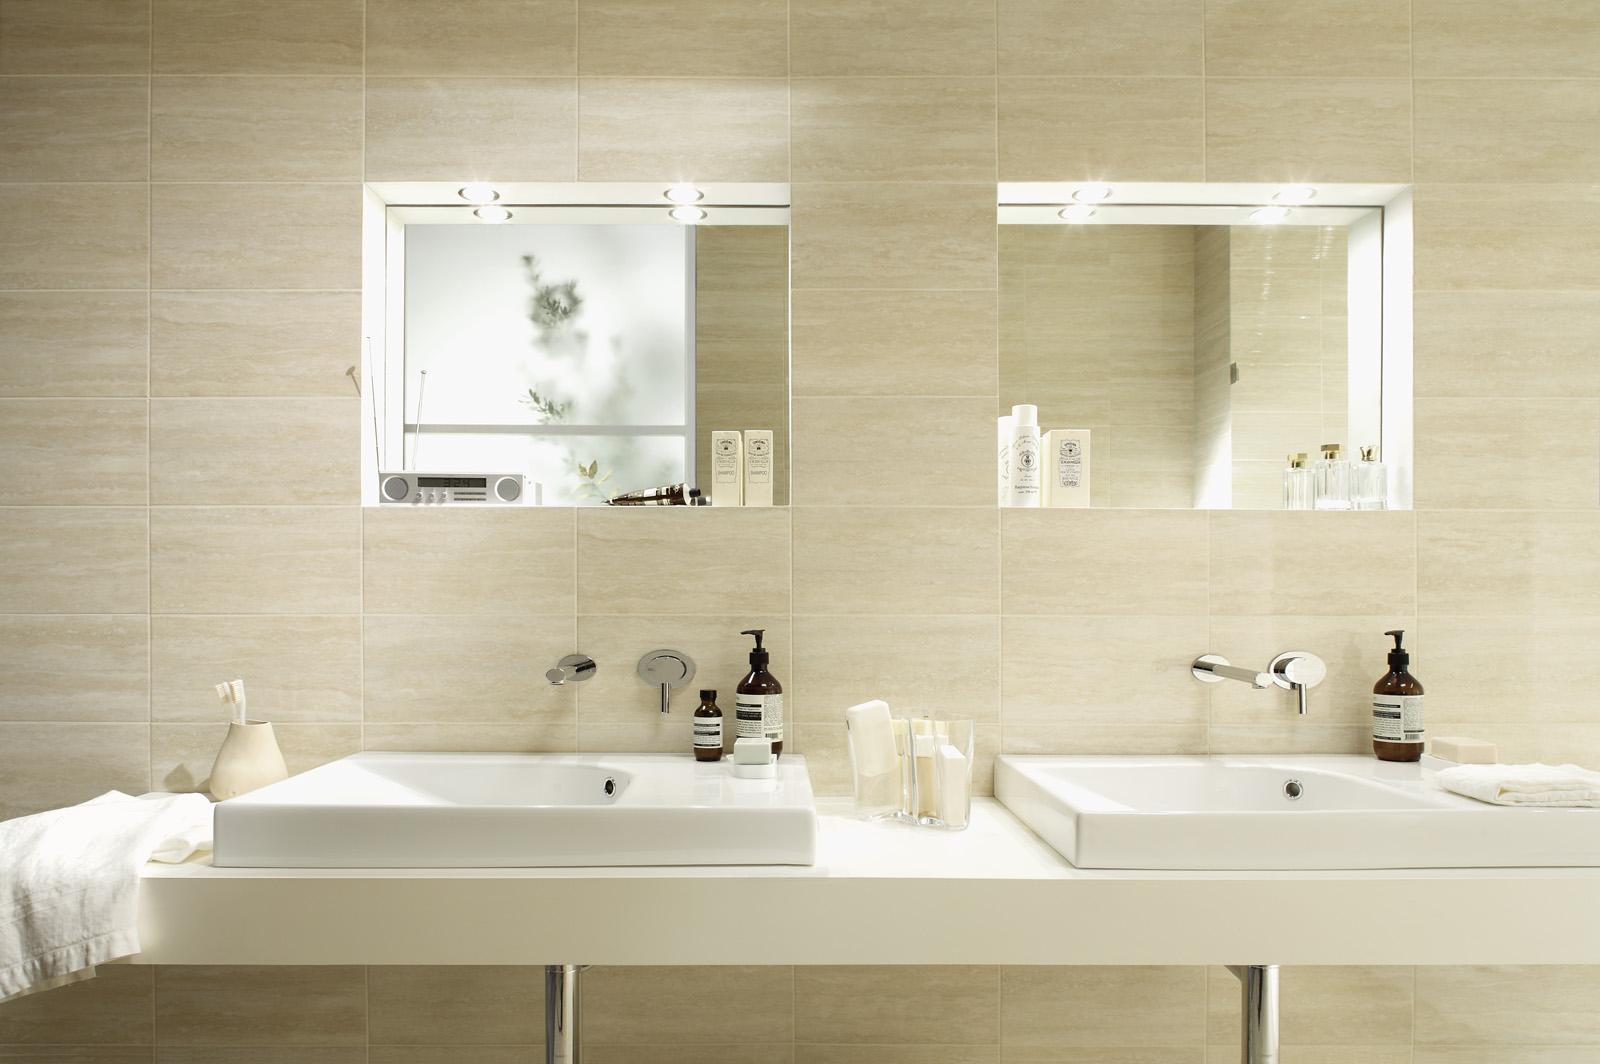 Bagno marrone beige: progettare bagni in stile contemporaneo ...